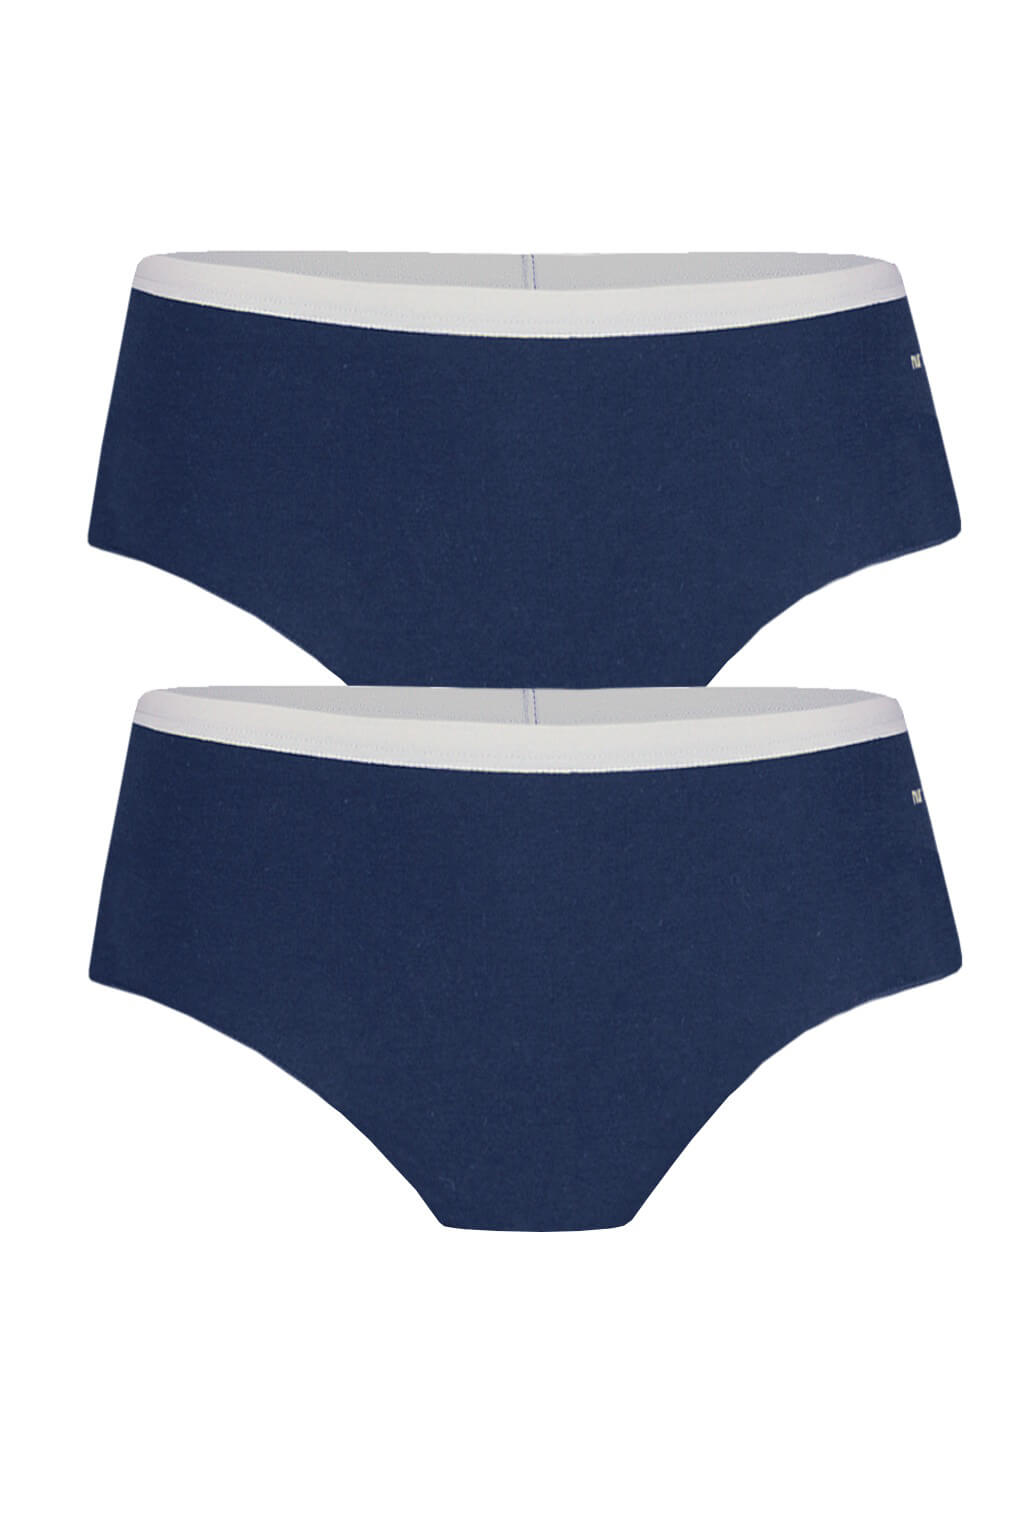 NurDie dámské kalhotky - 2pack XL tmavě modrá